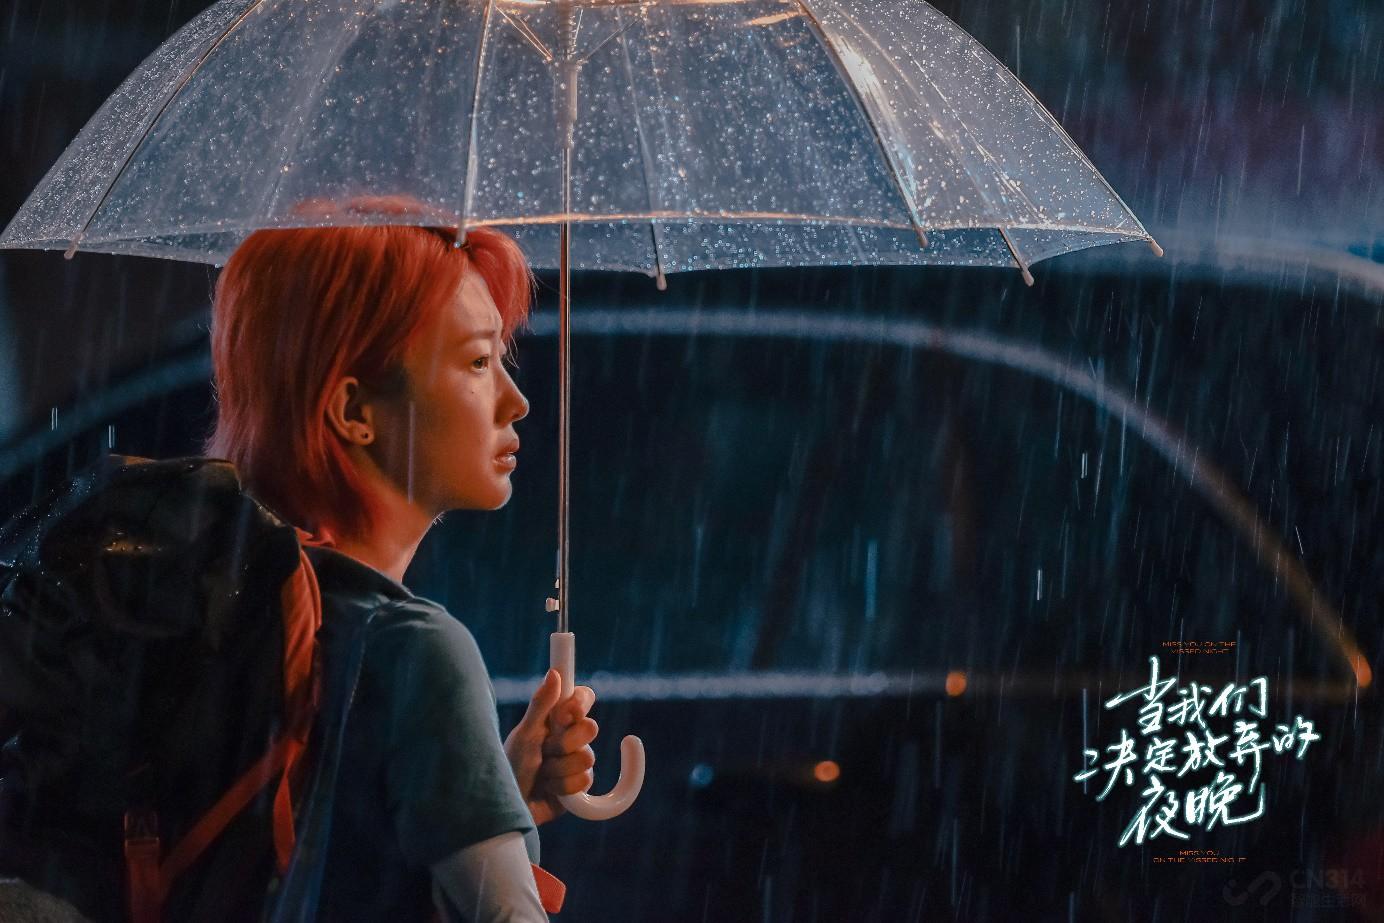 国内首个超短片获奖名单将于7月31日揭晓